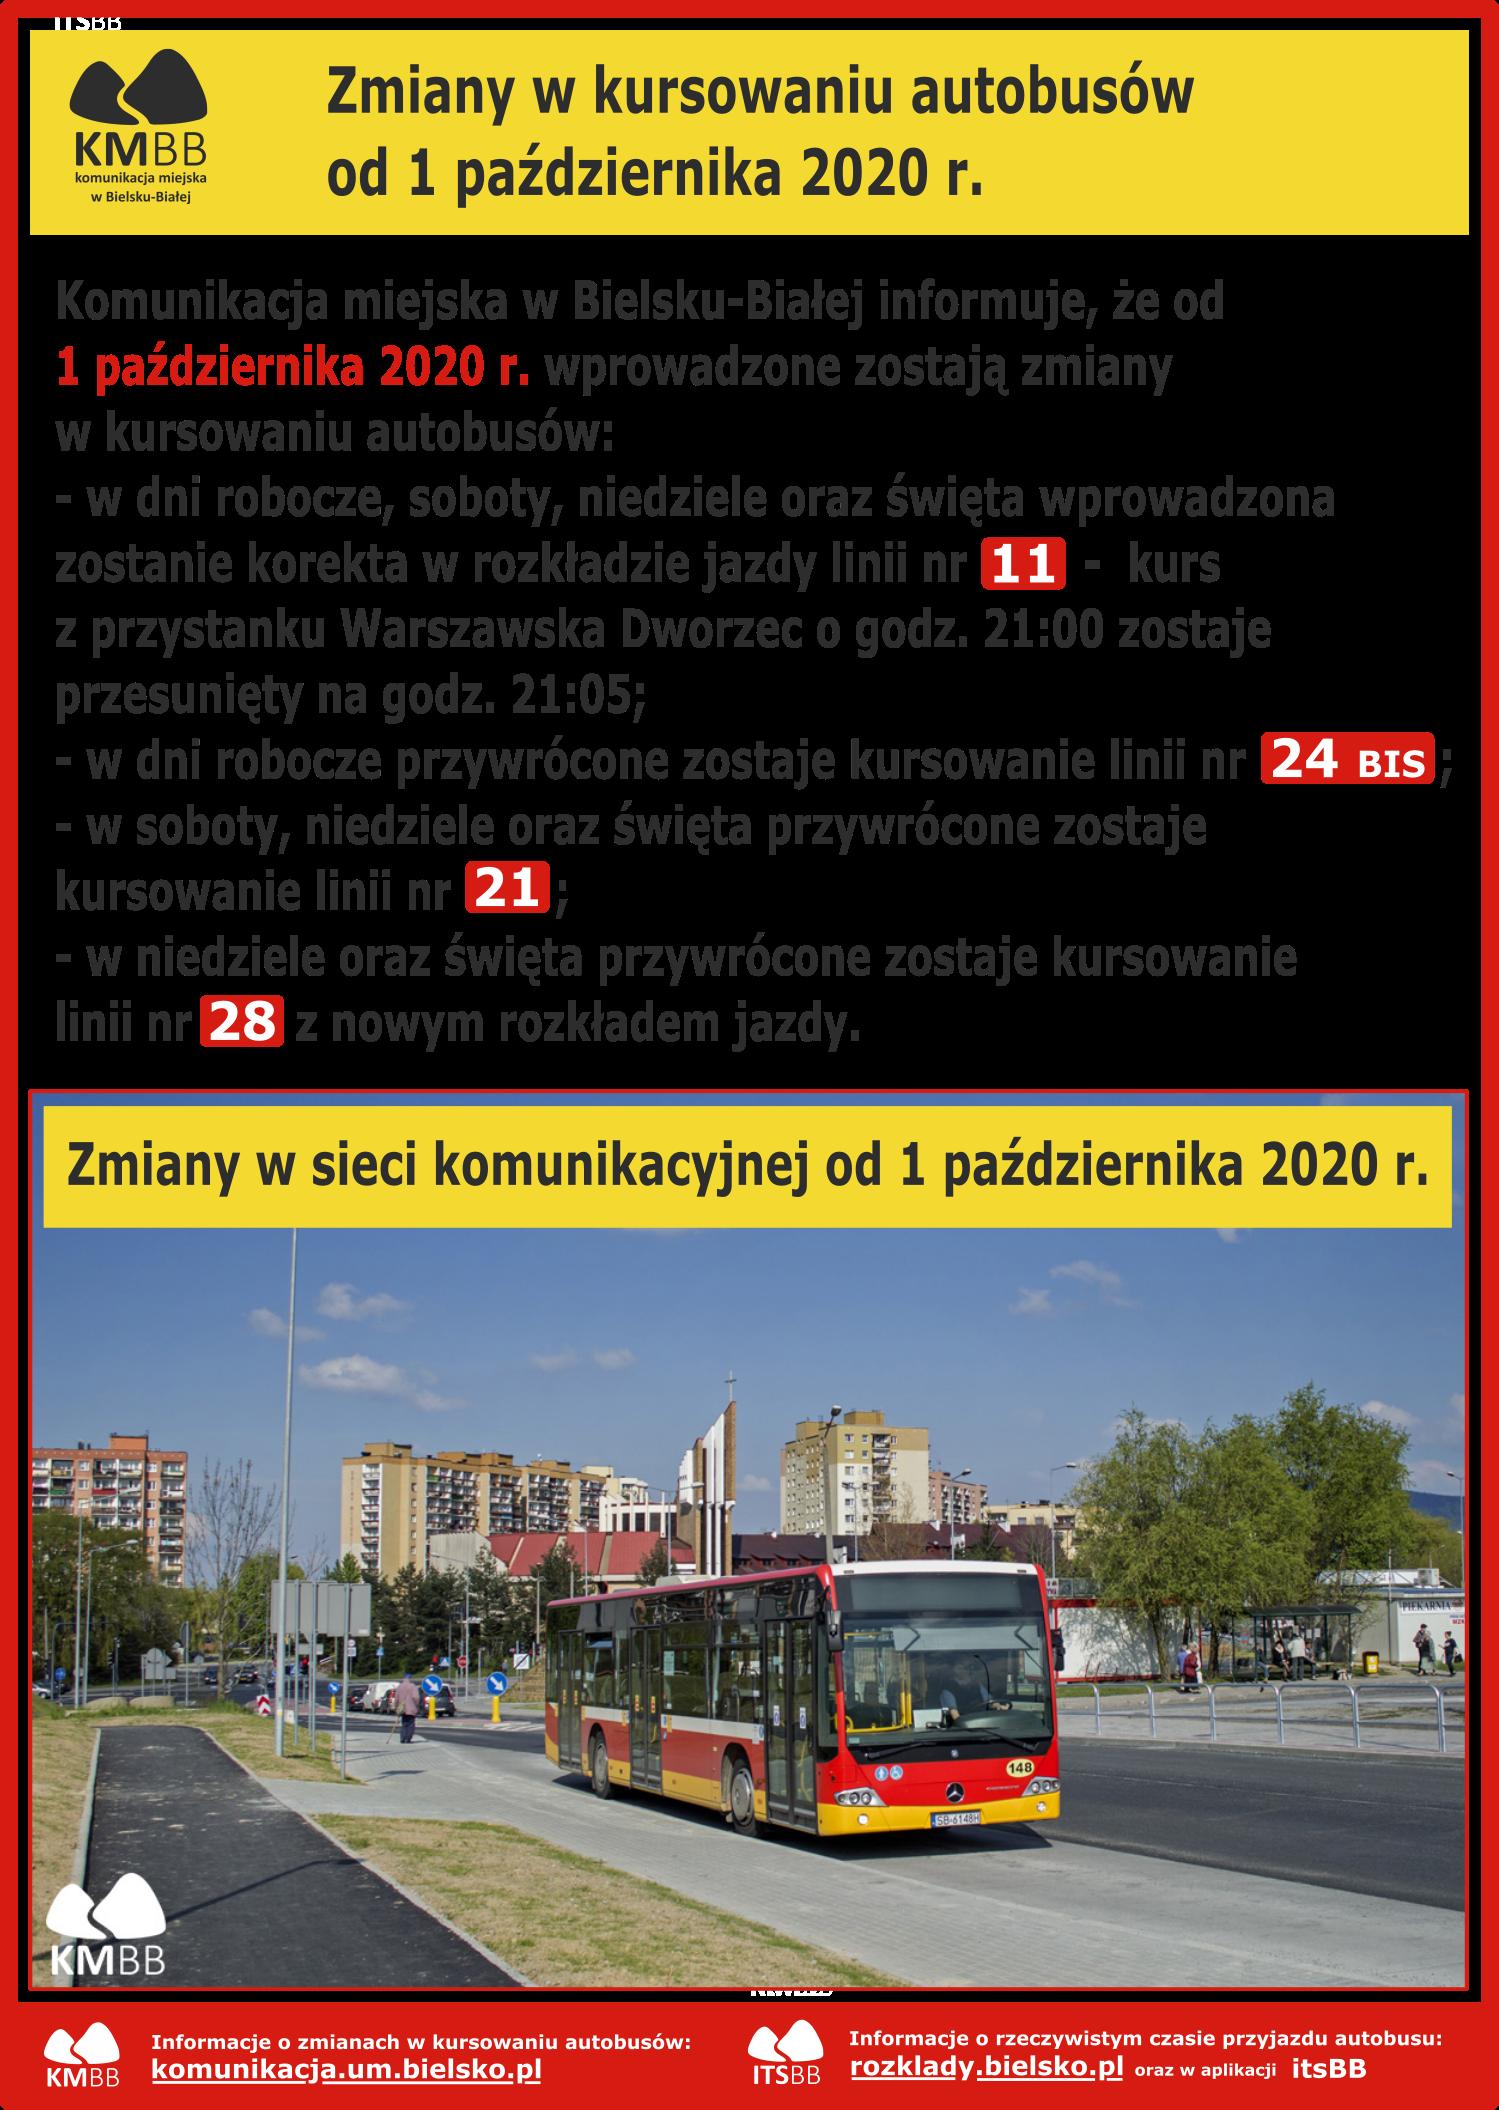 Zmiany w kursowaniu autobusów od 1 października